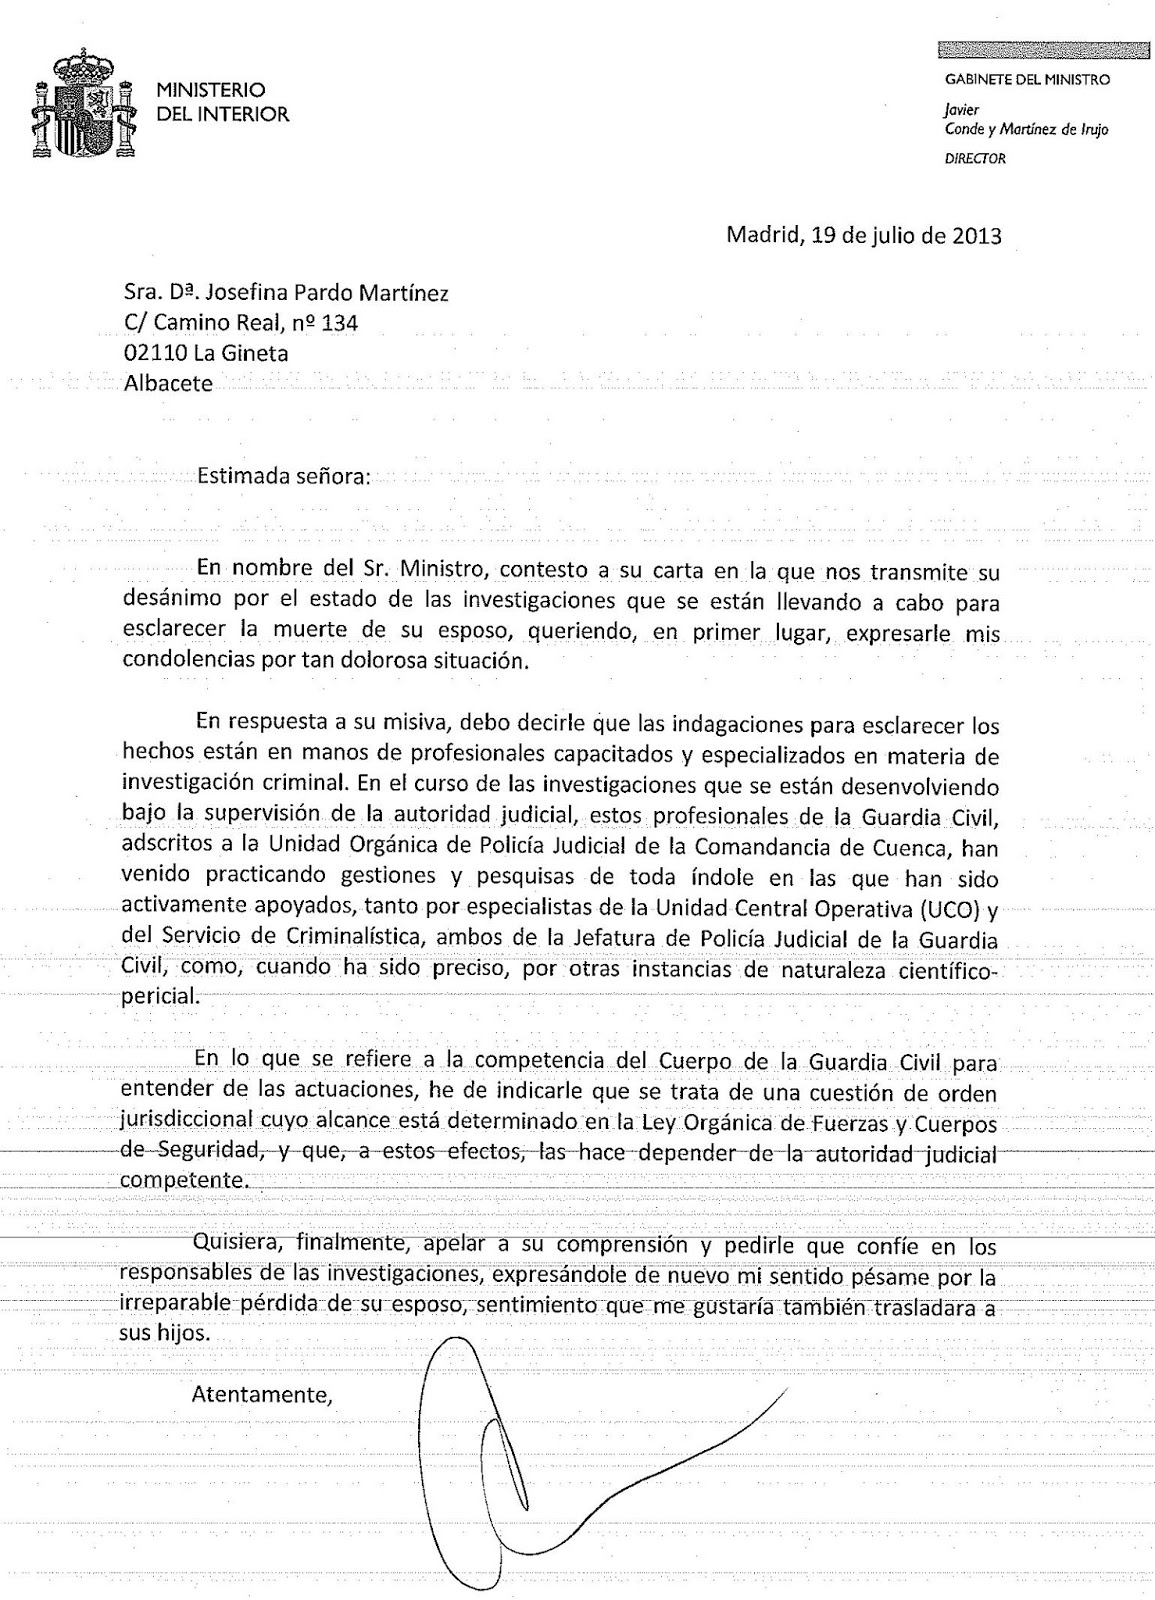 Justicia para marcial hidalgo ambrona carta respuesta for Ministerio interior